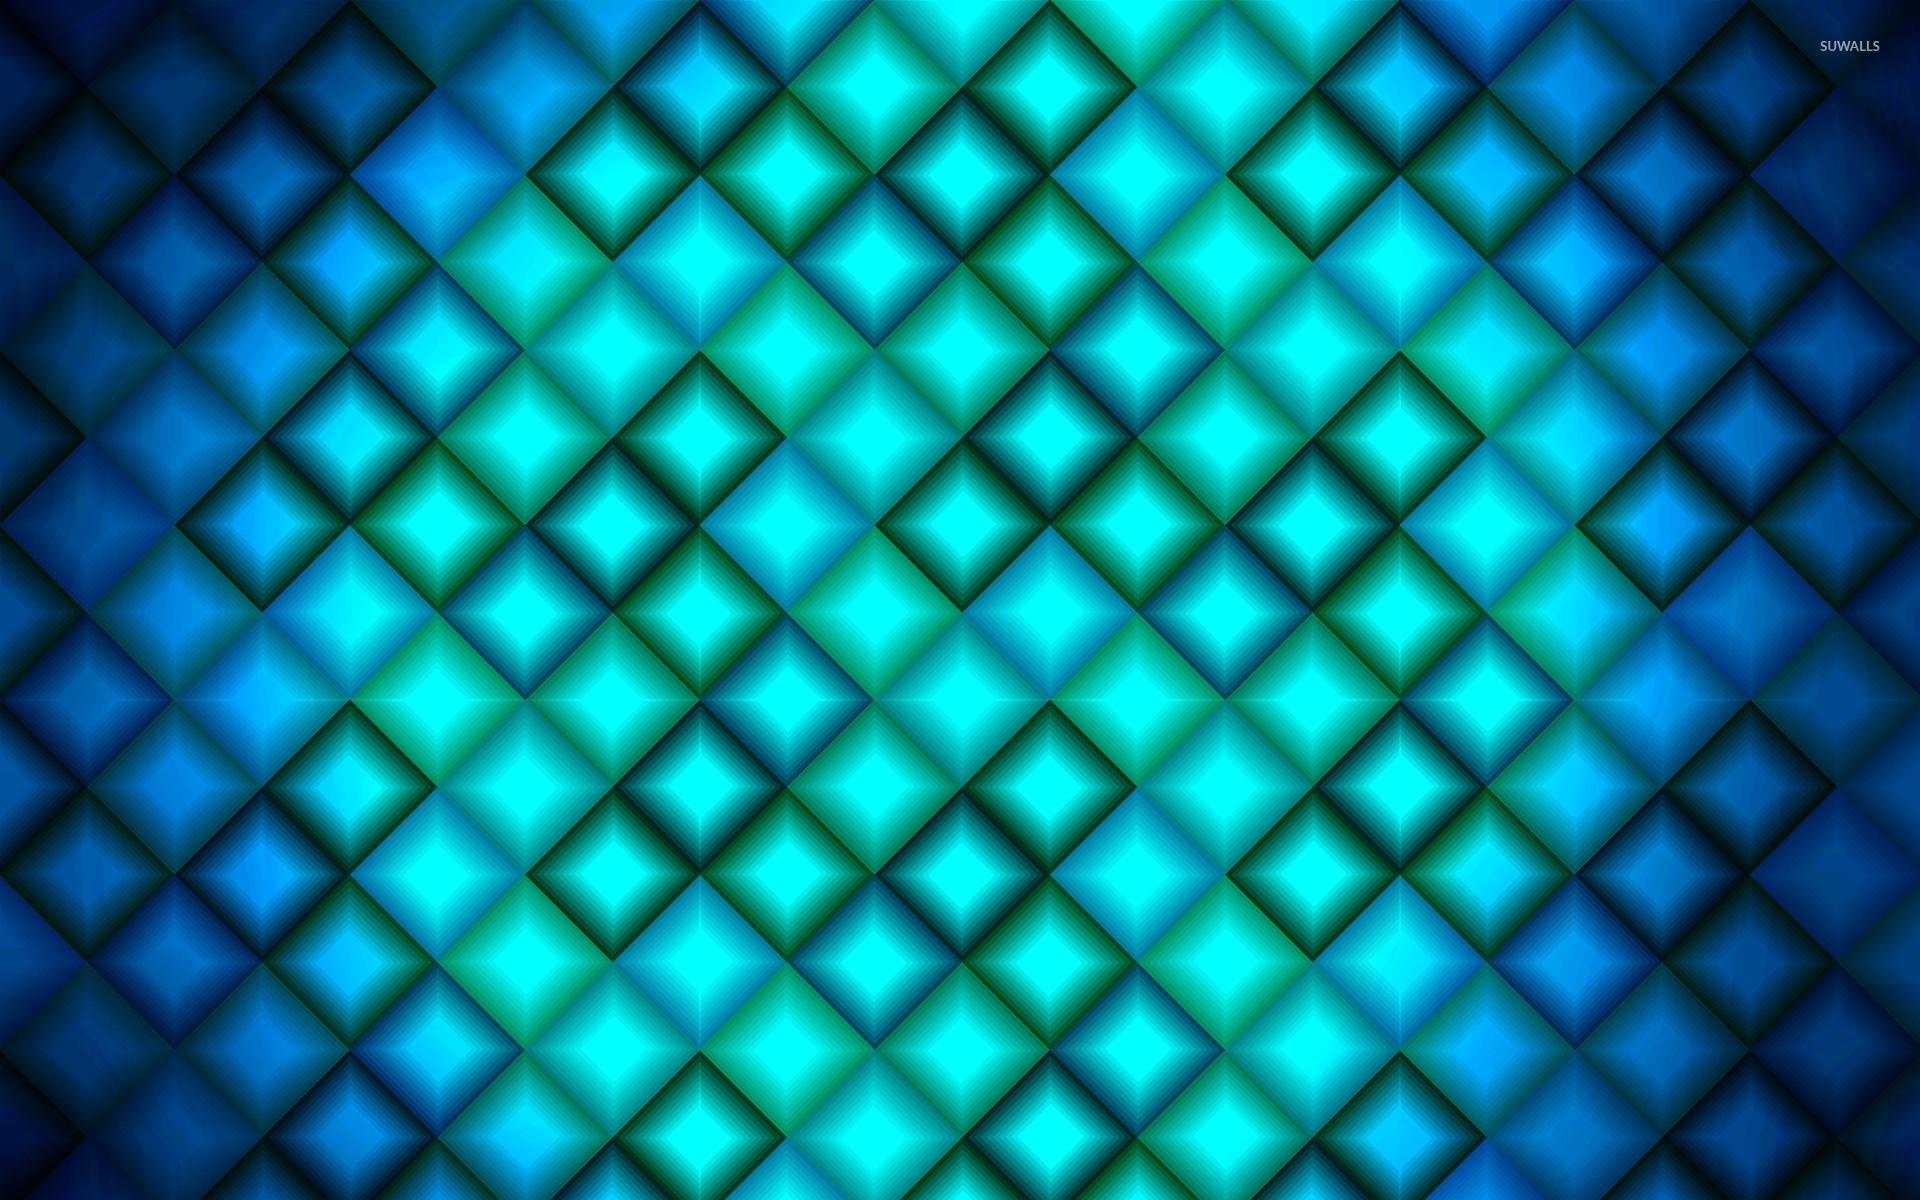 Diamond Pattern Wallpapers Hd Pixelstalk Diamond Pattern Iphone Wallpapers Iphone G Wallpapers 1920x1200